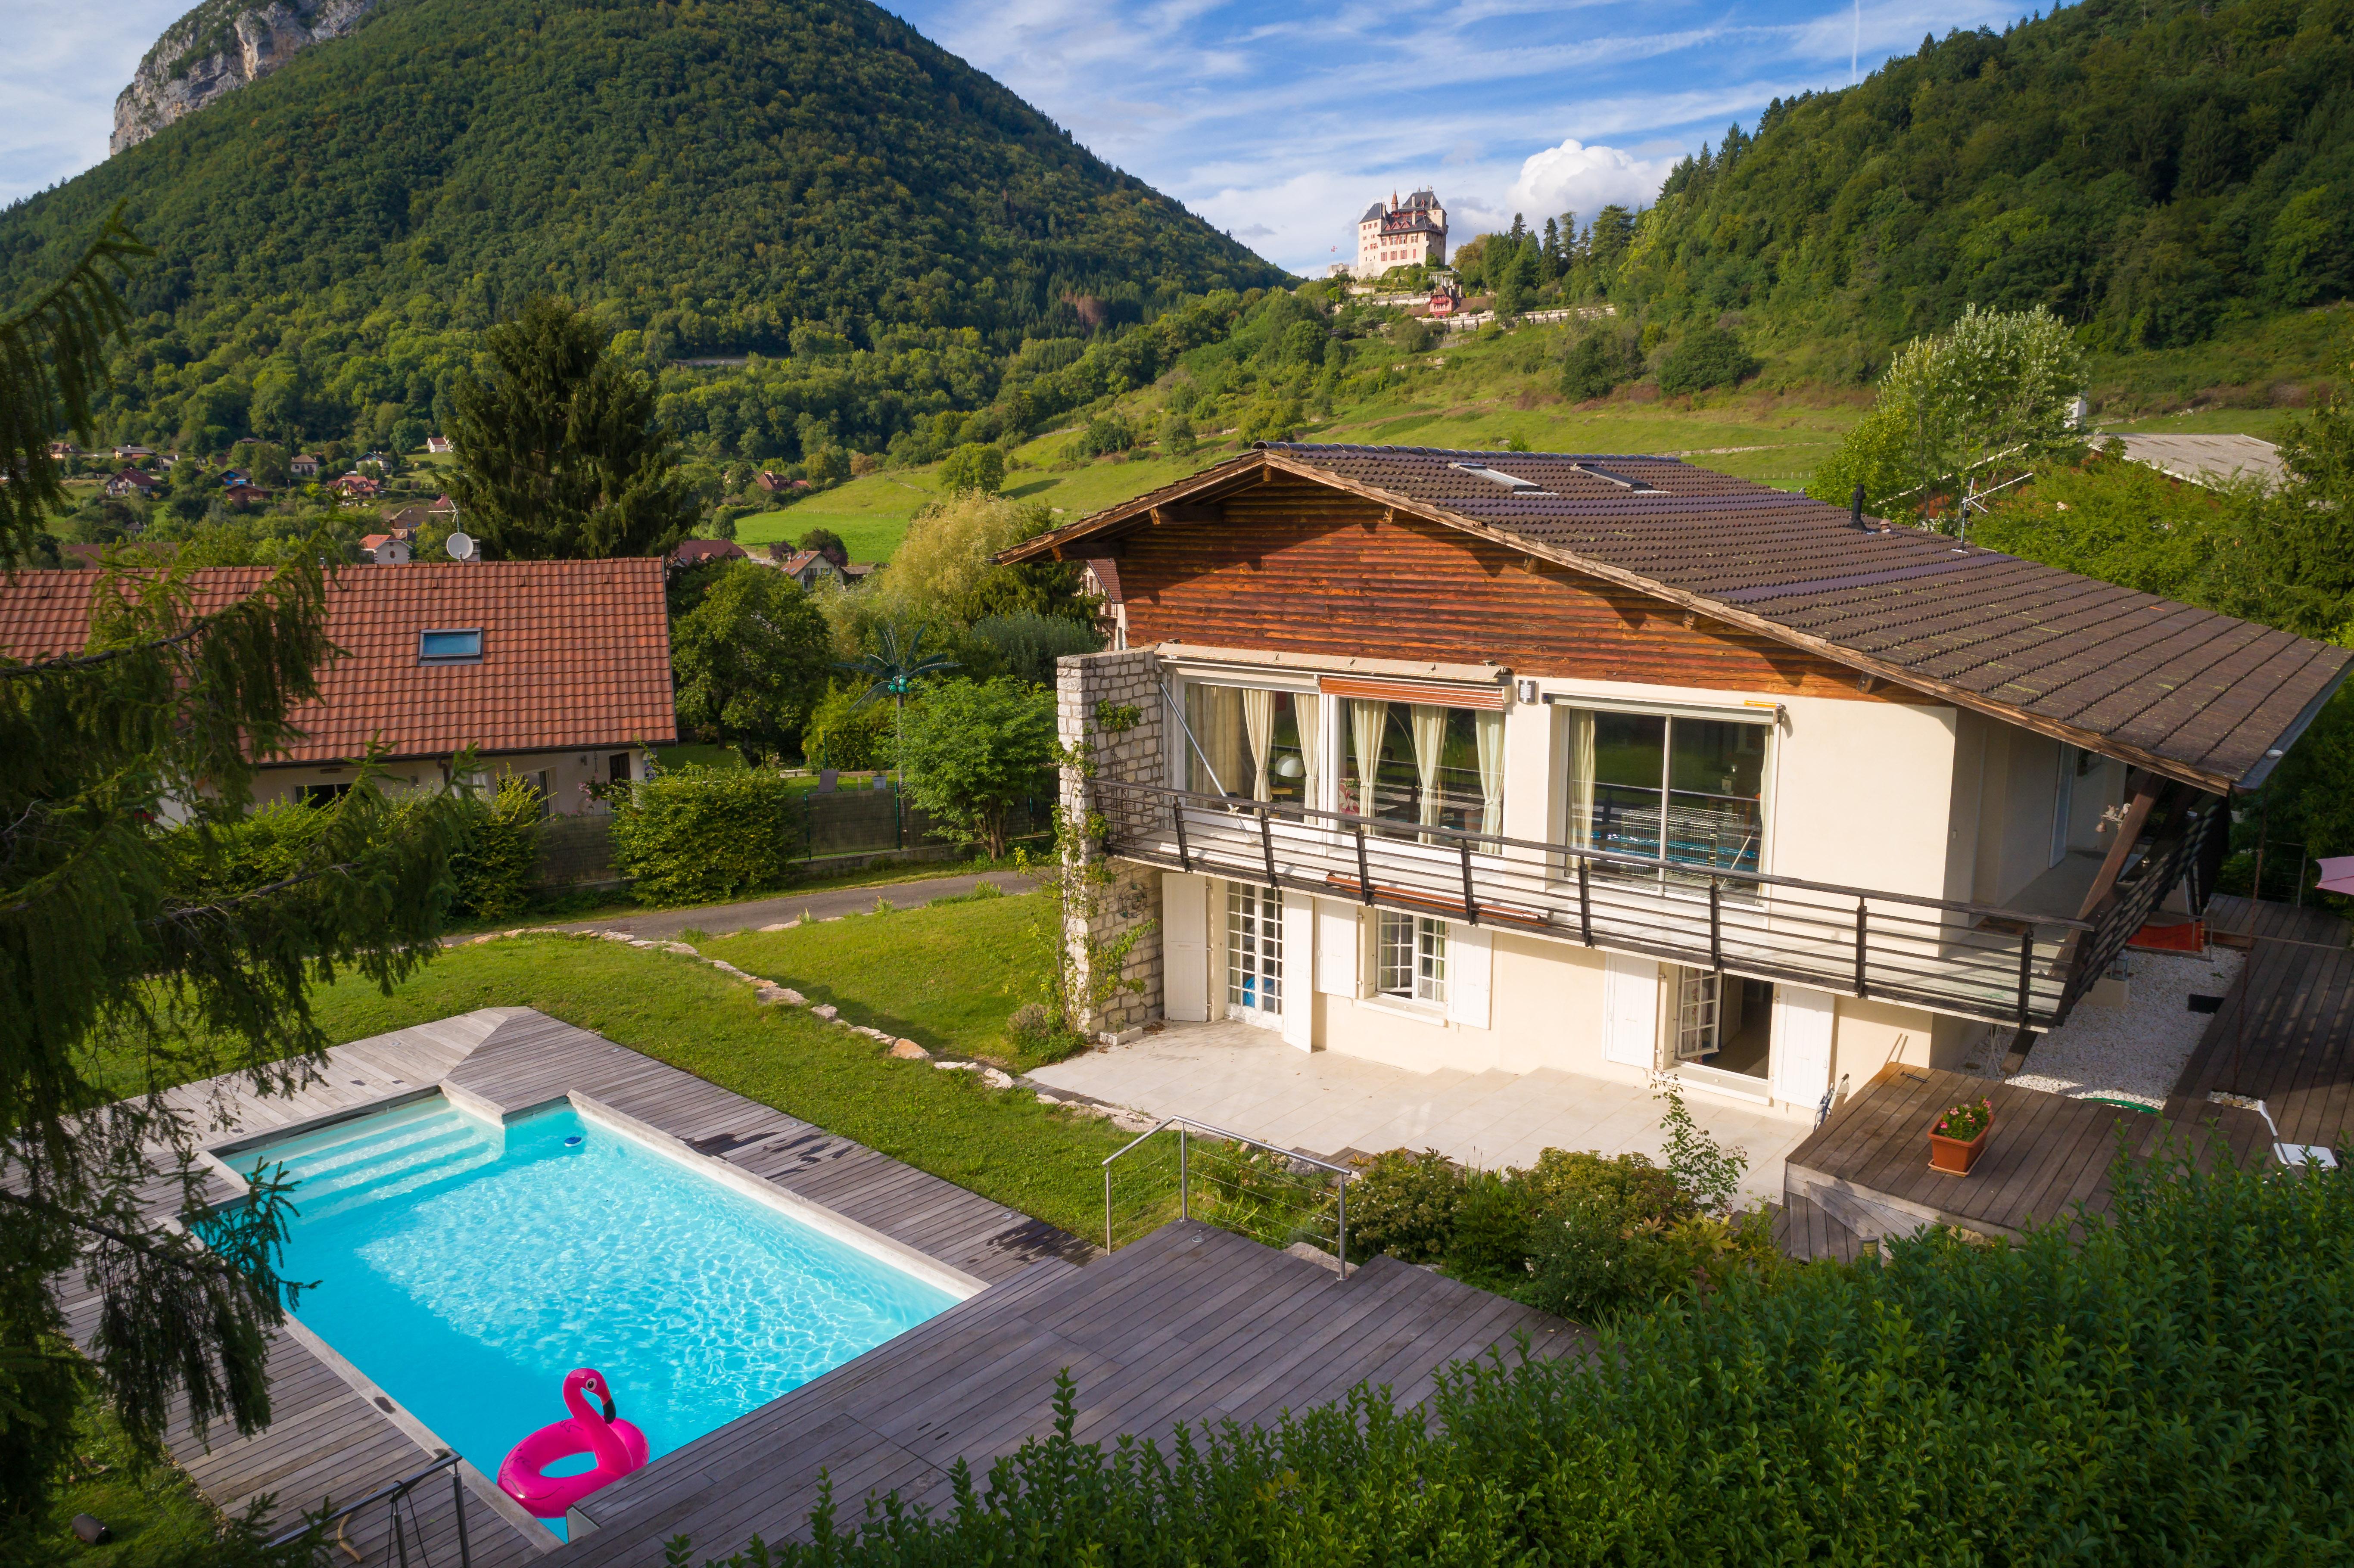 Maison avec piscine chauff e vue ch teau lac et montagnessweet property agence immobili re - Maison avec vue lac lands end ...